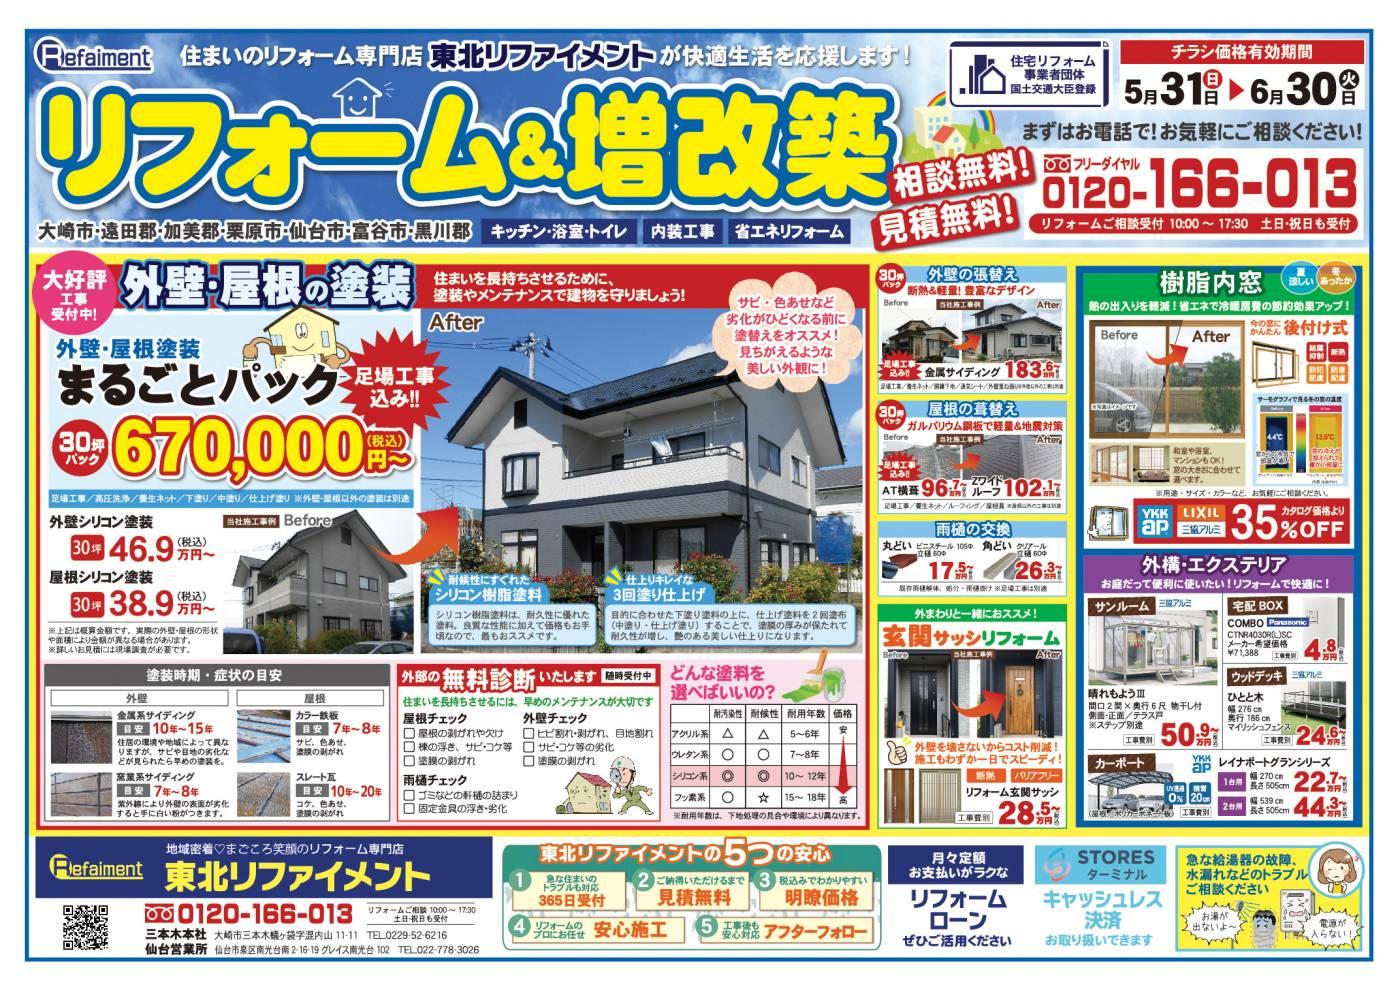 広告(2020_05_31)1-1